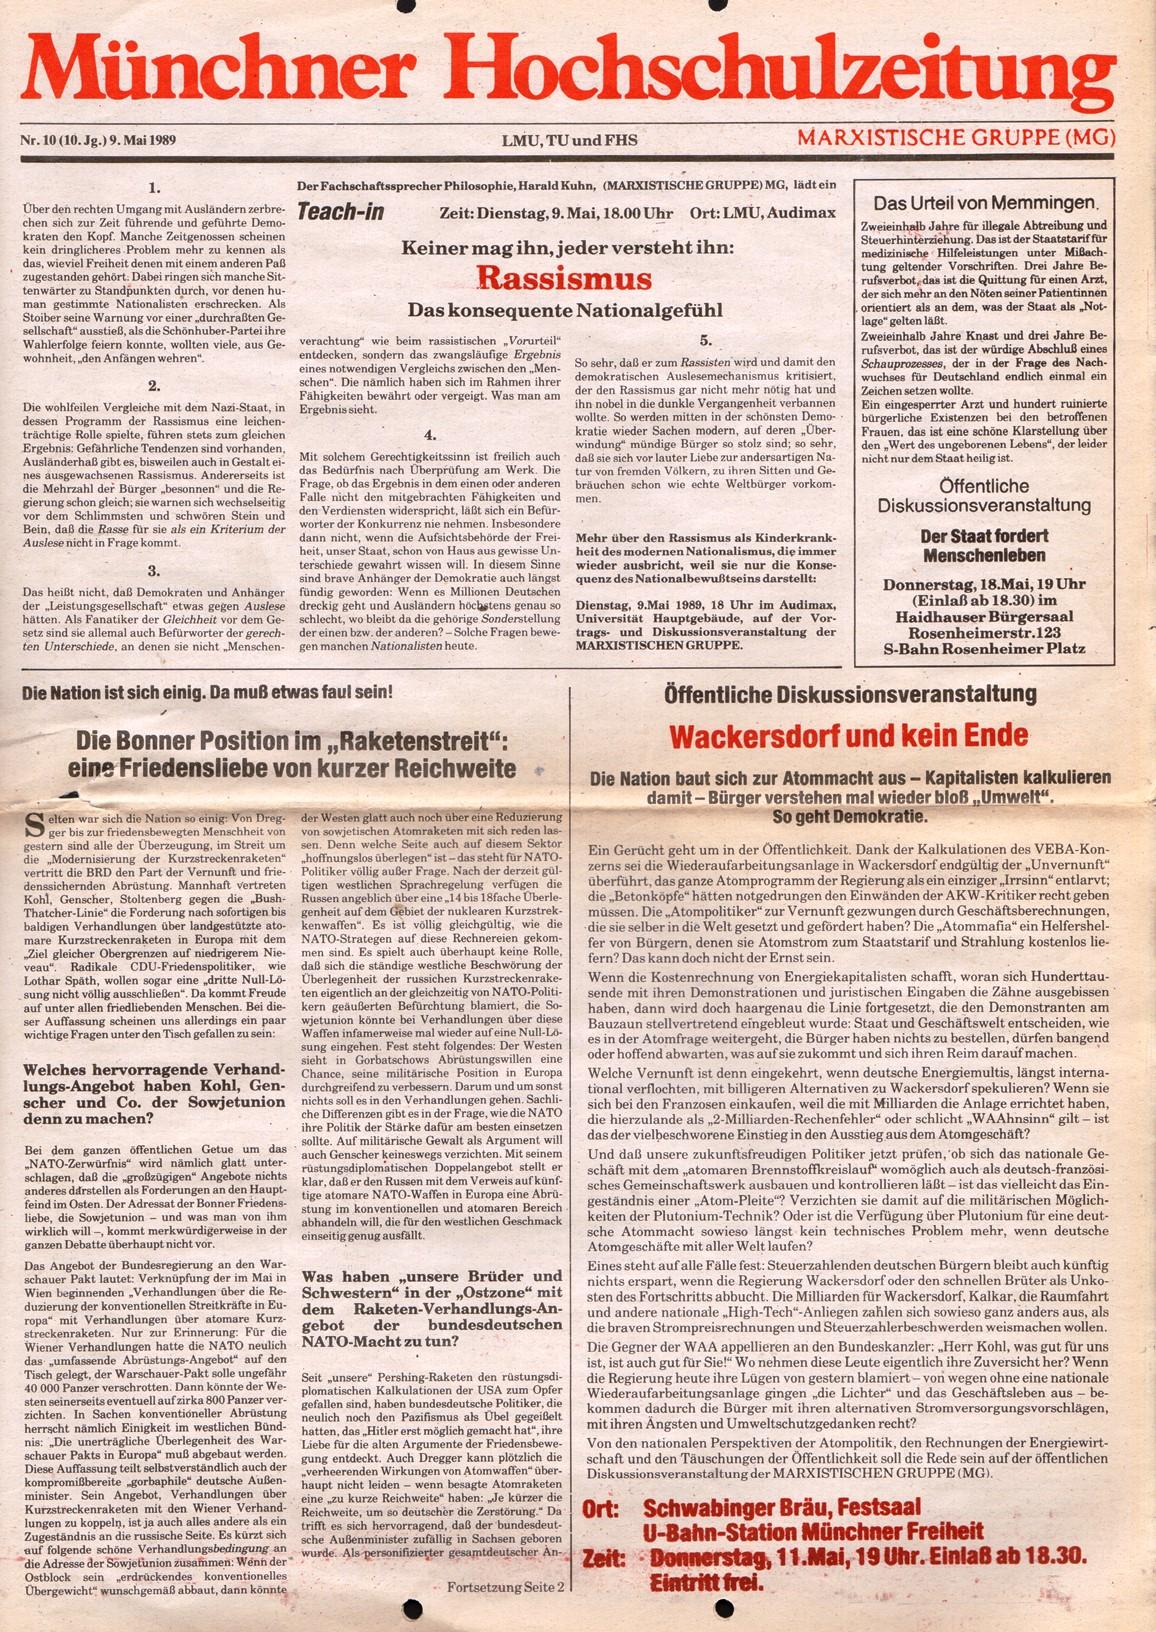 Muenchen_MG_Hochschulzeitung_19890509_01